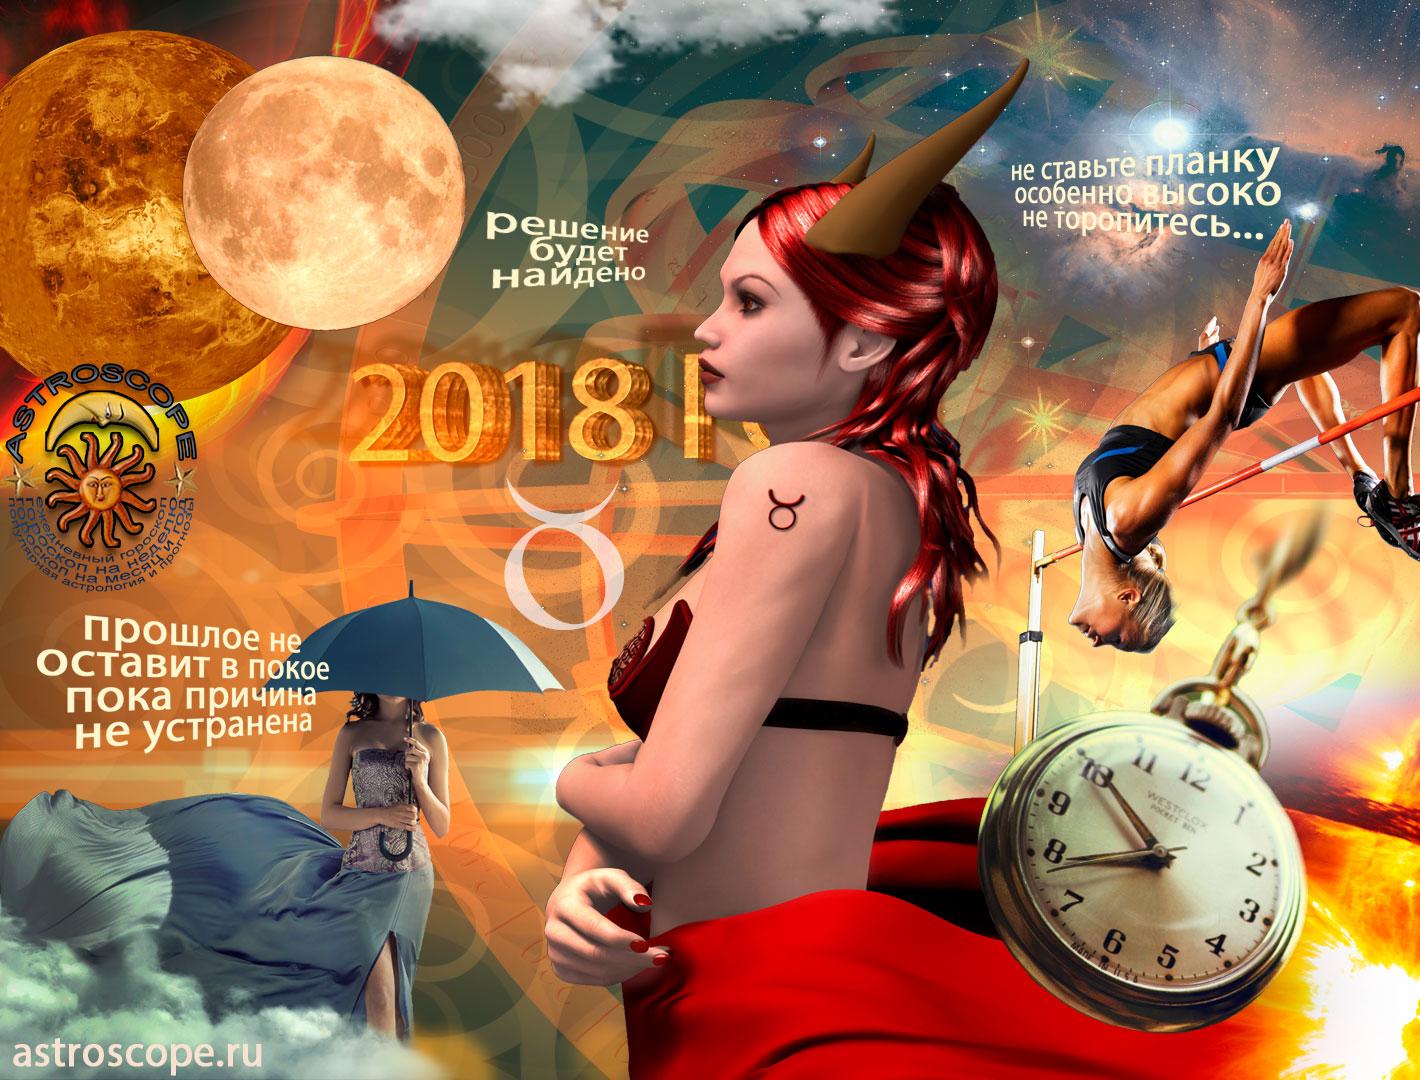 Гороскоп на 2018 Телец, что ждёт Тельцов в 2018 году